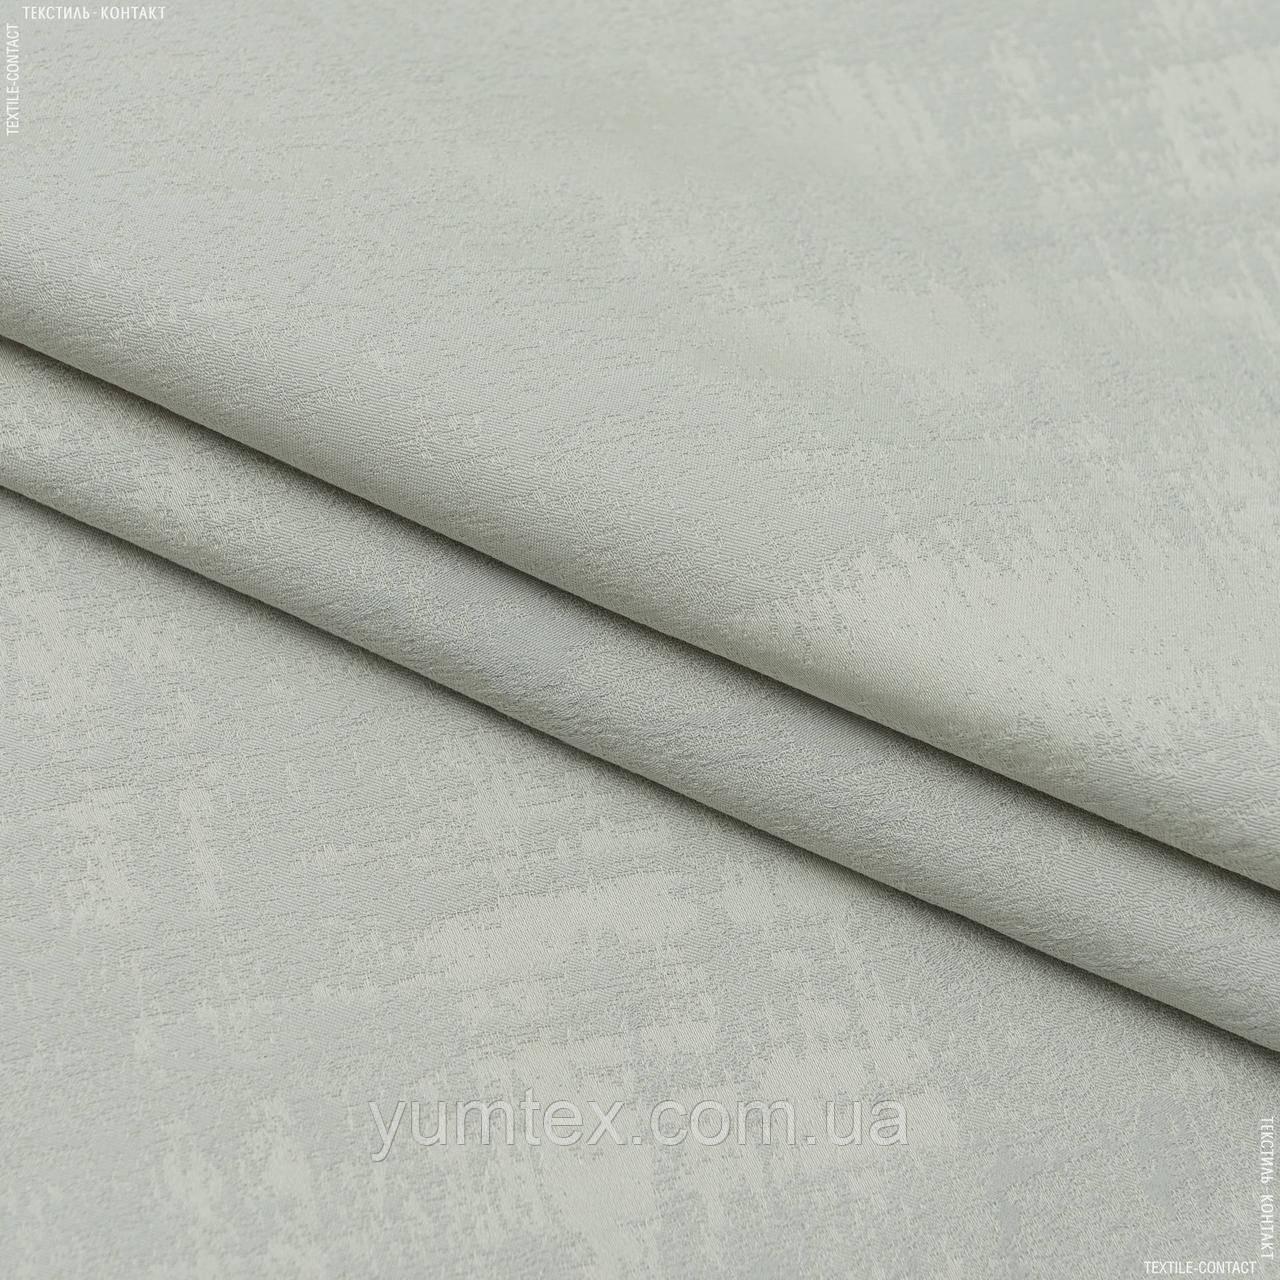 Декоративна тканина дрезден компаньйон мармур,пісочно-сірий 147286